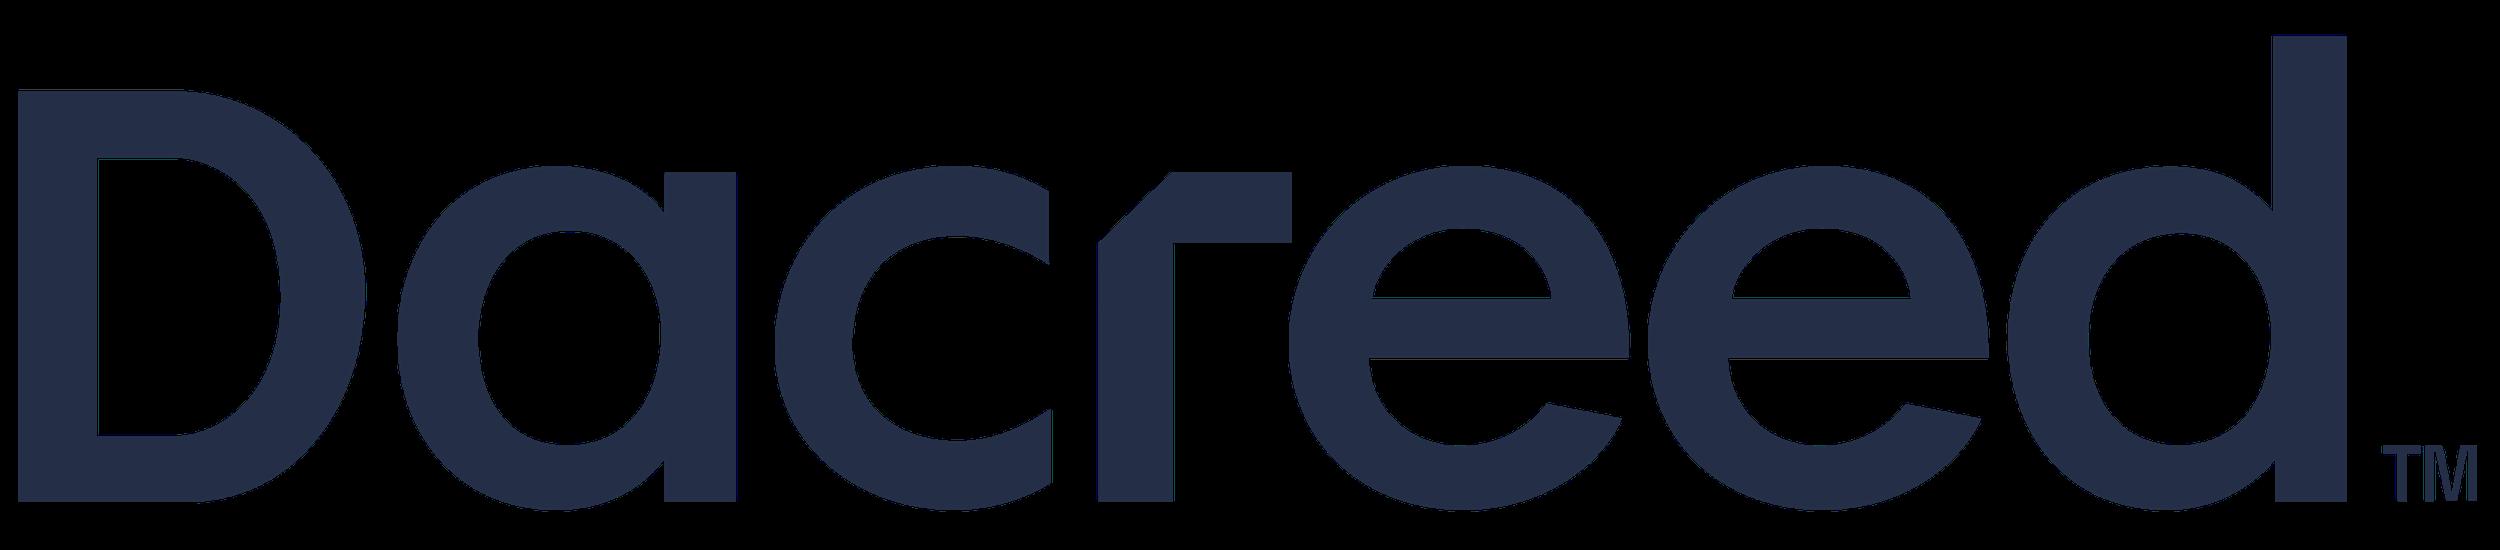 Dacreed logo